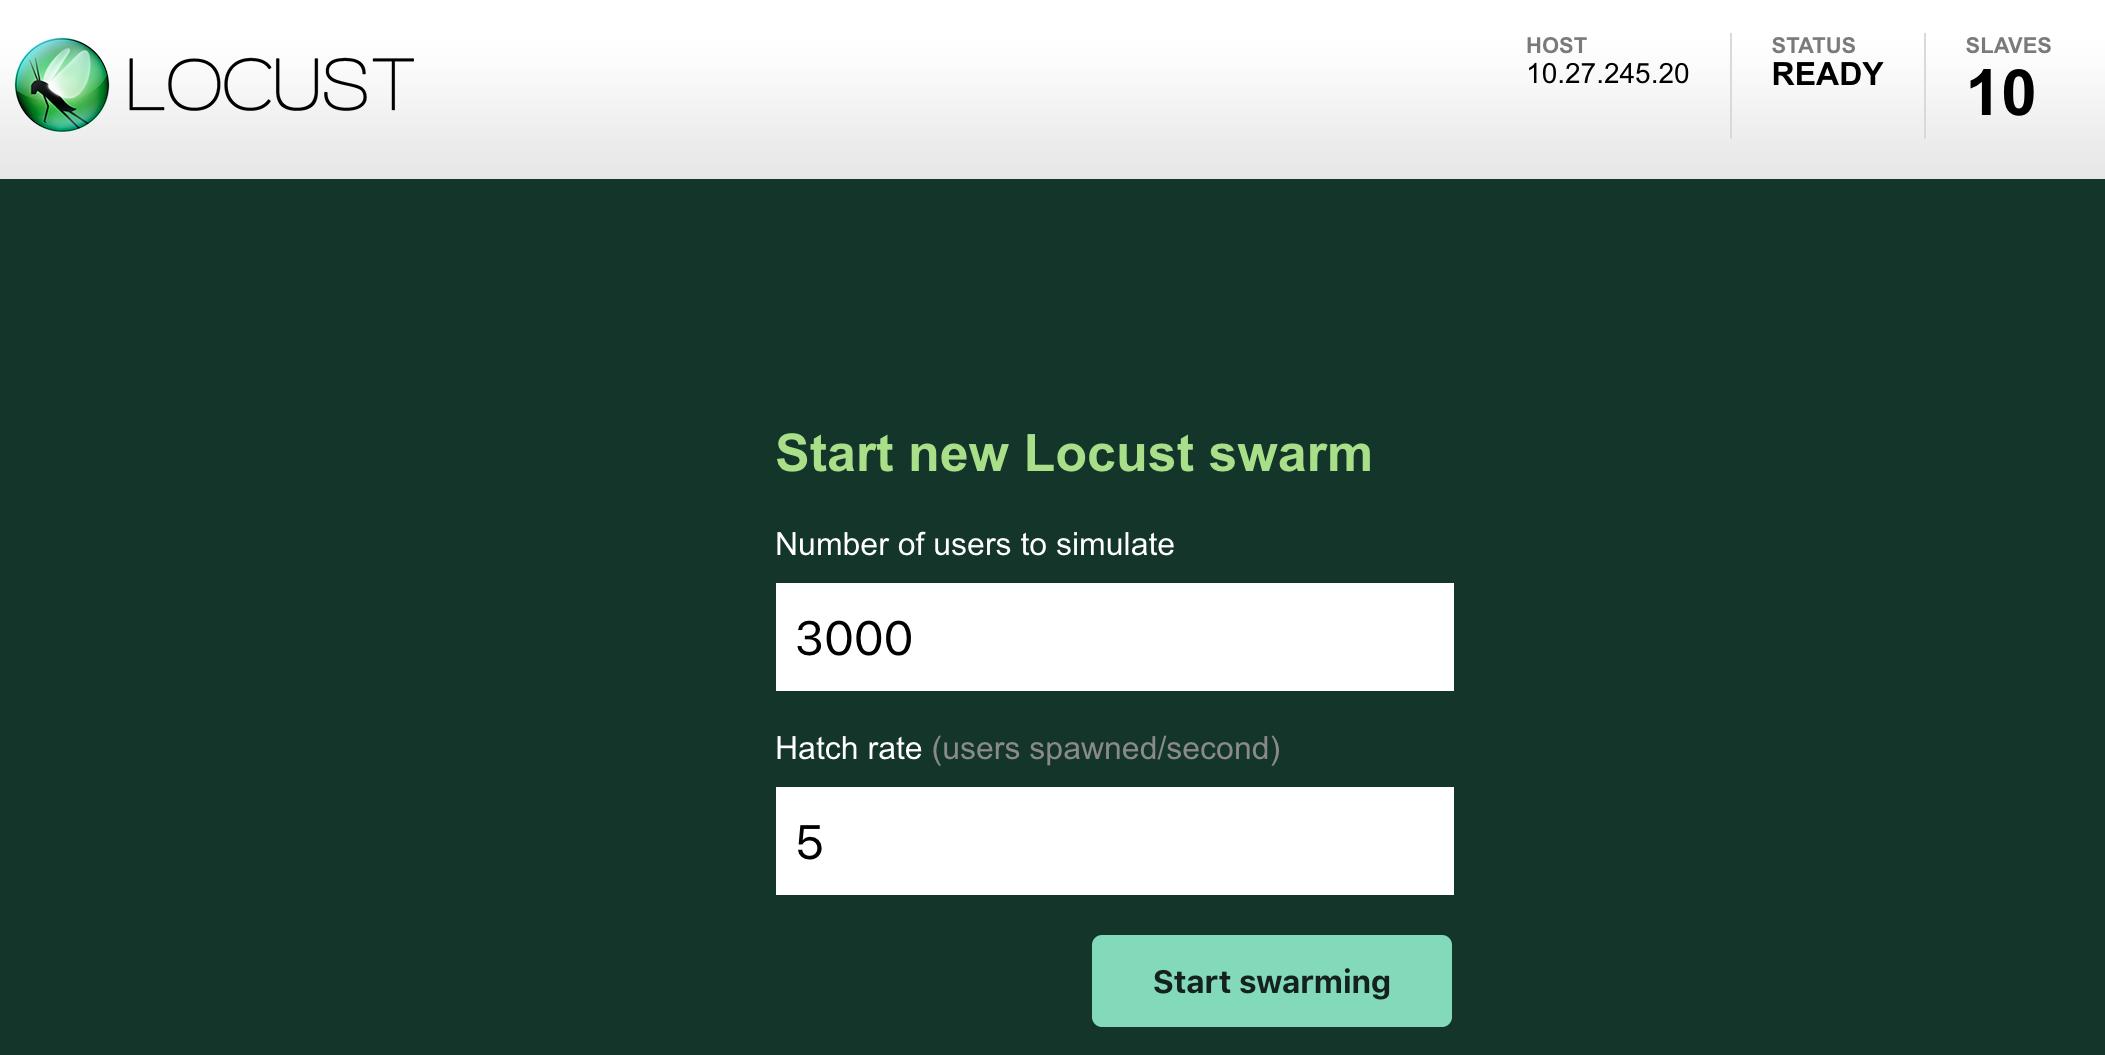 Eine neue Locust-Swarm wird gestartet.